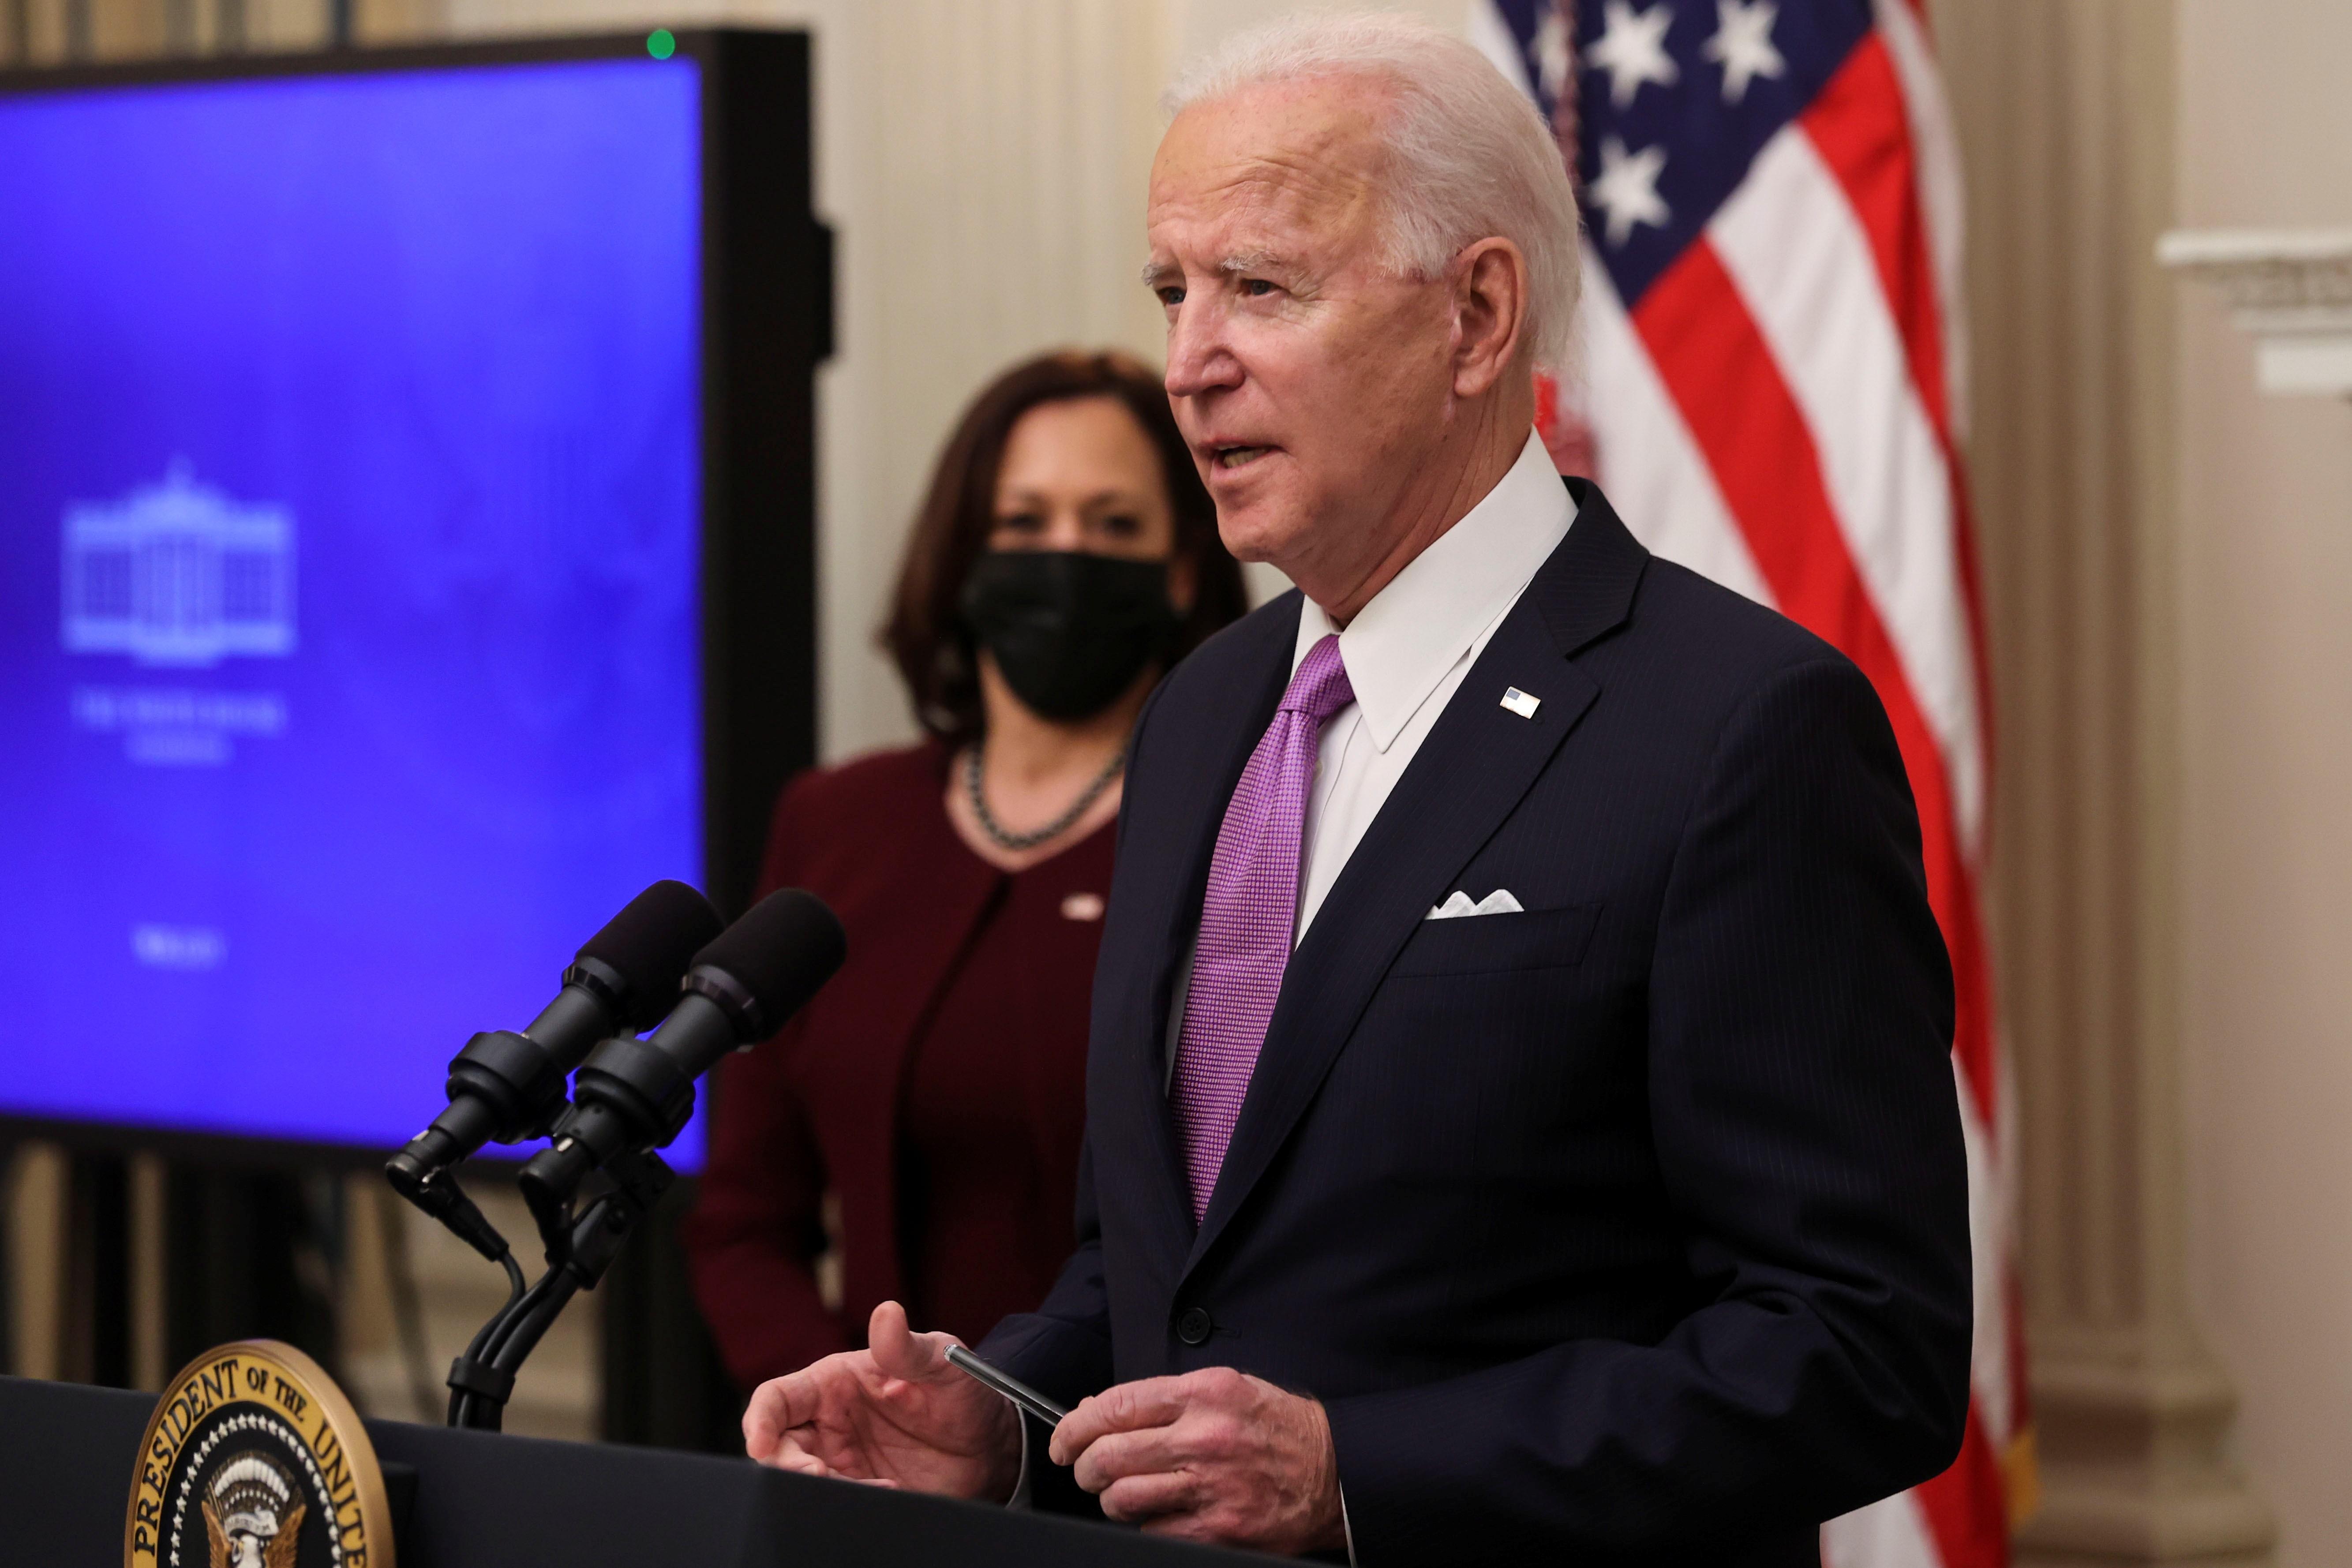 Biden anuncia plano para conter a pandemia de Covid-19 nos EUA